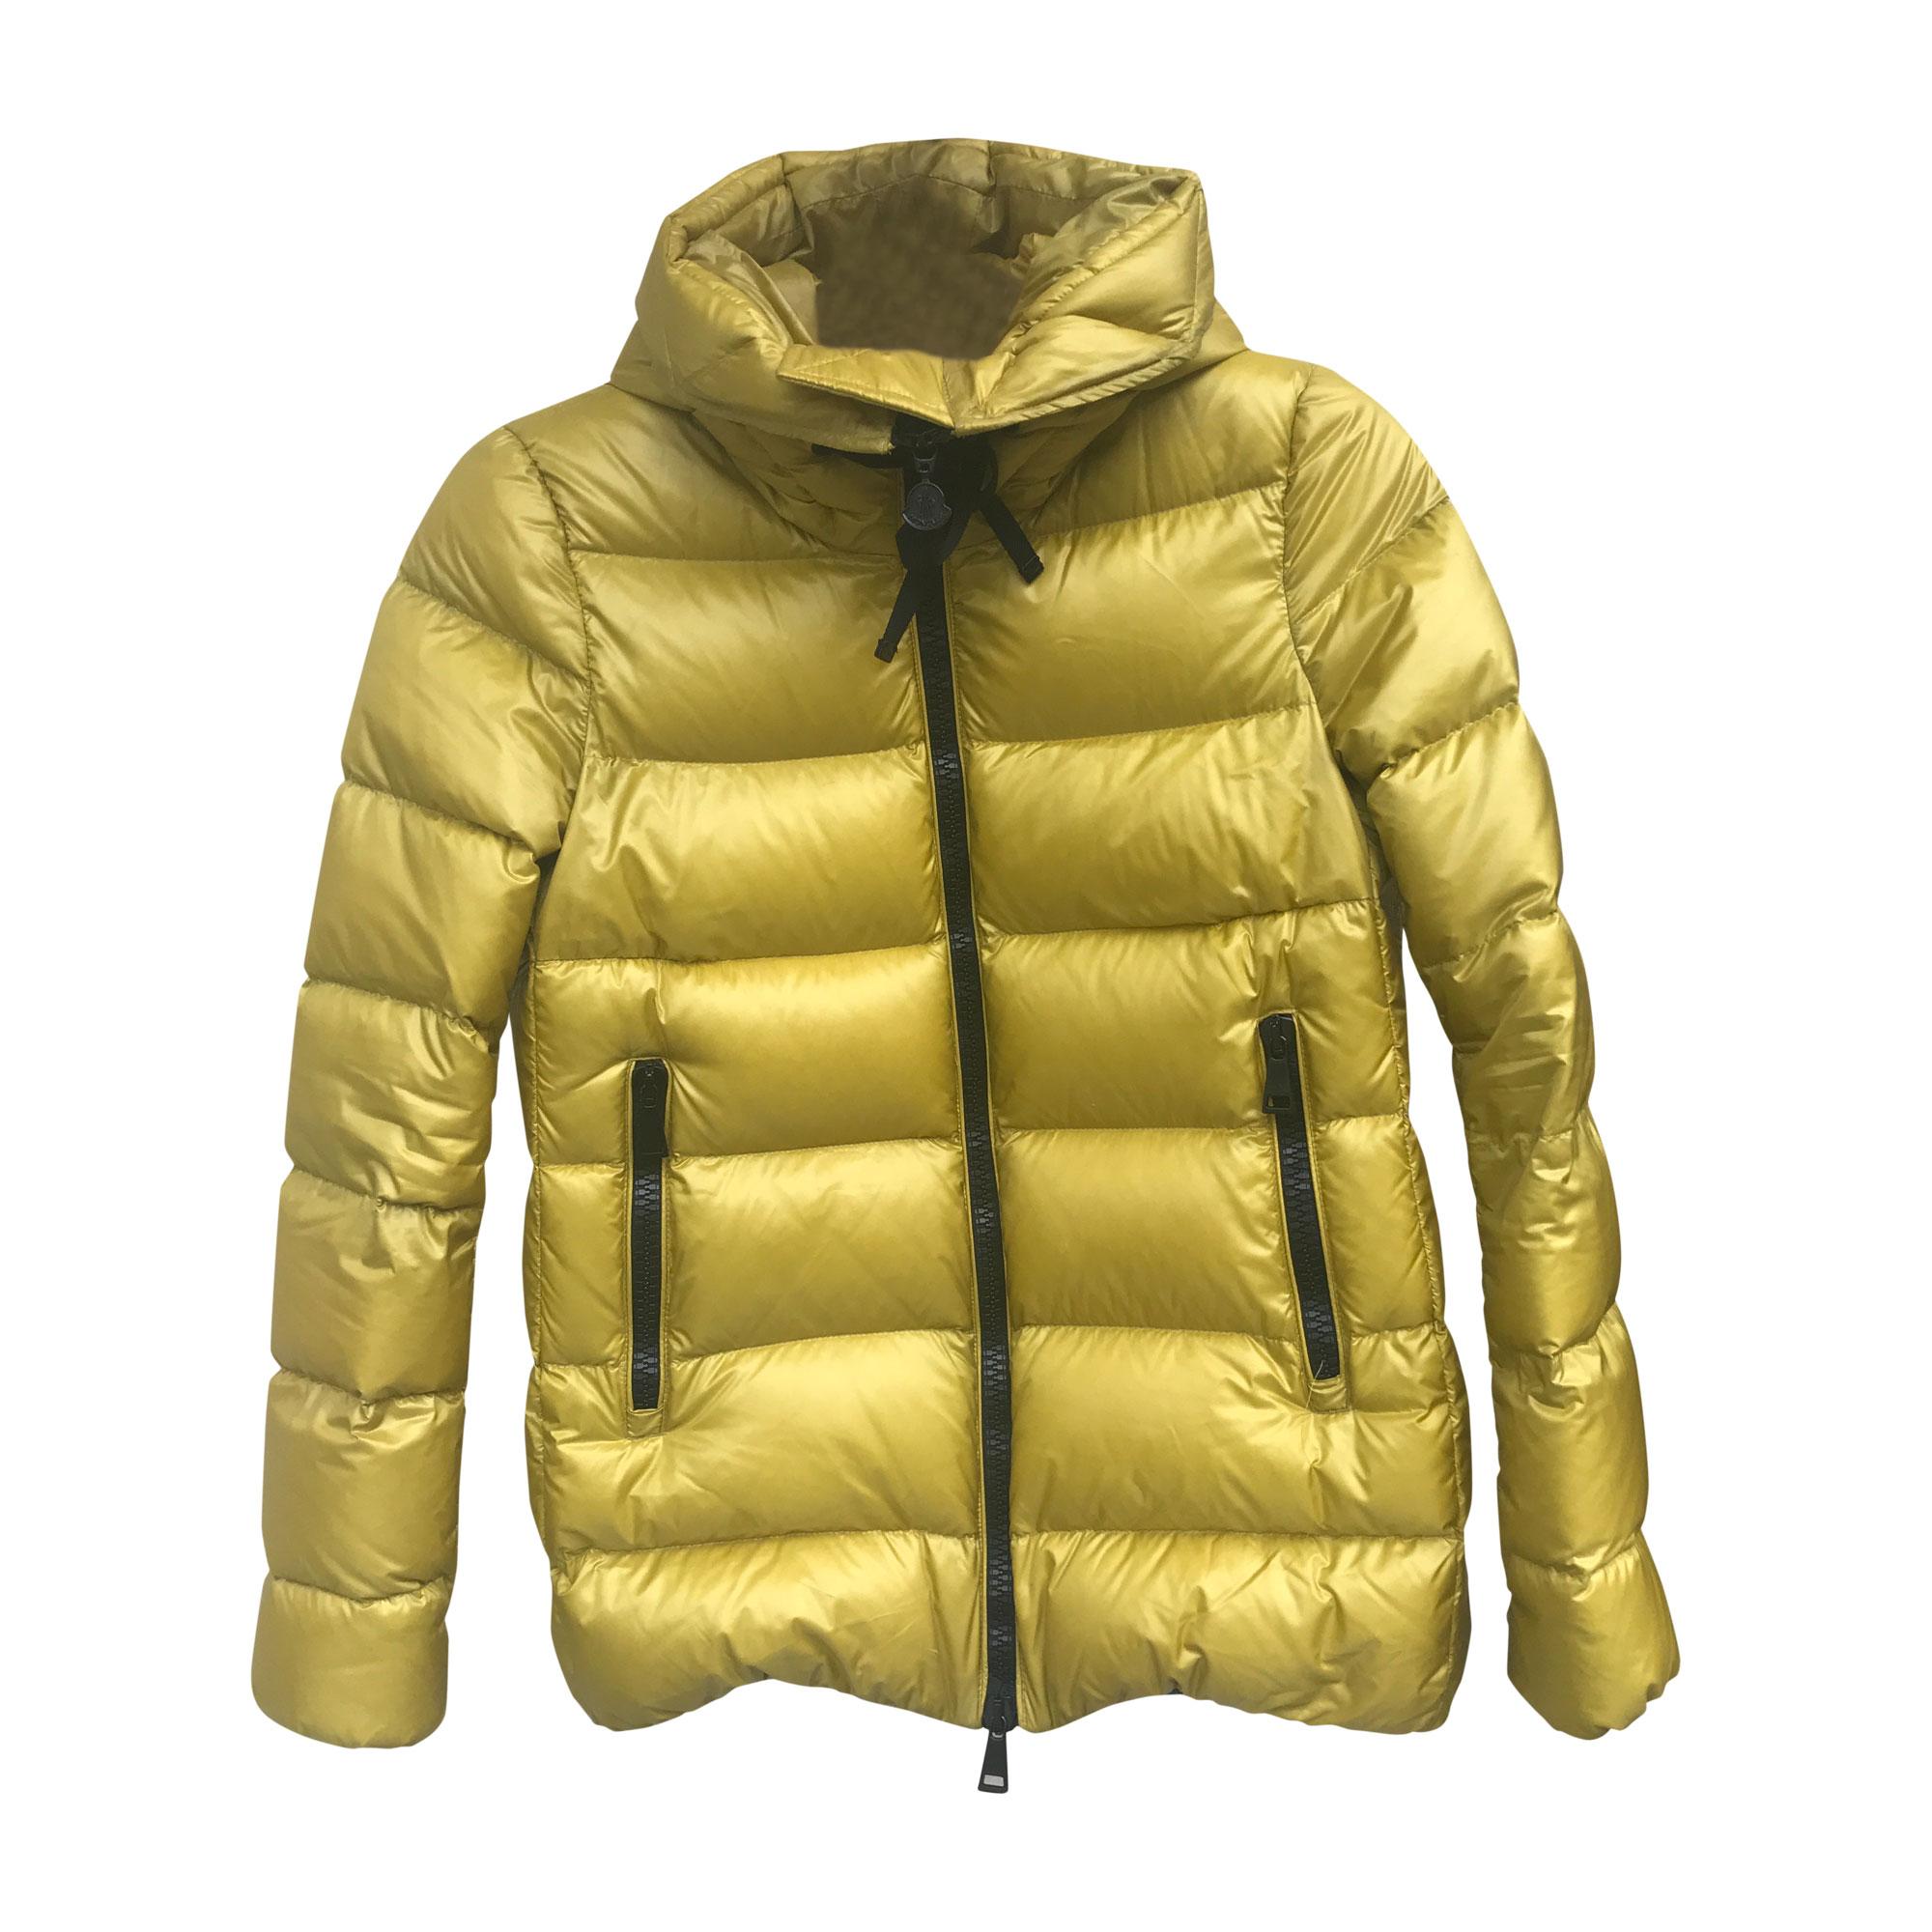 5034d1f3764b Doudoune MONCLER 36 (S, T1) jaune vendu par Carolinetc - 7045981